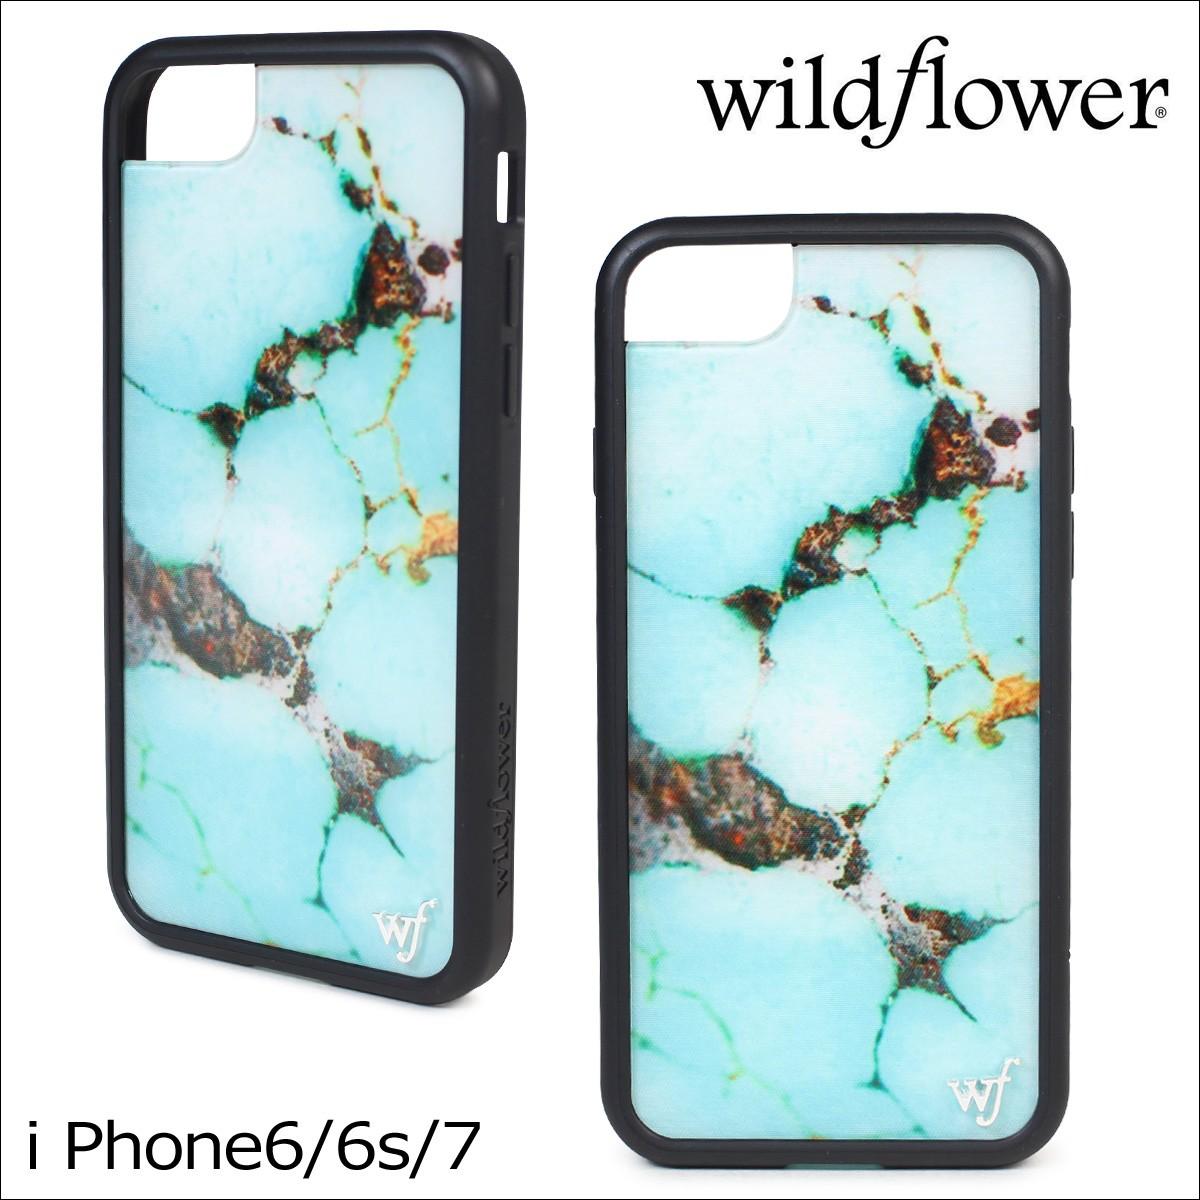 wildflower ケース スマホ iPhone7 ワイルドフラワー iPhoneケース 6s アイフォン レディース ハンドメイド [8/29 再入荷] [ネコポス可]